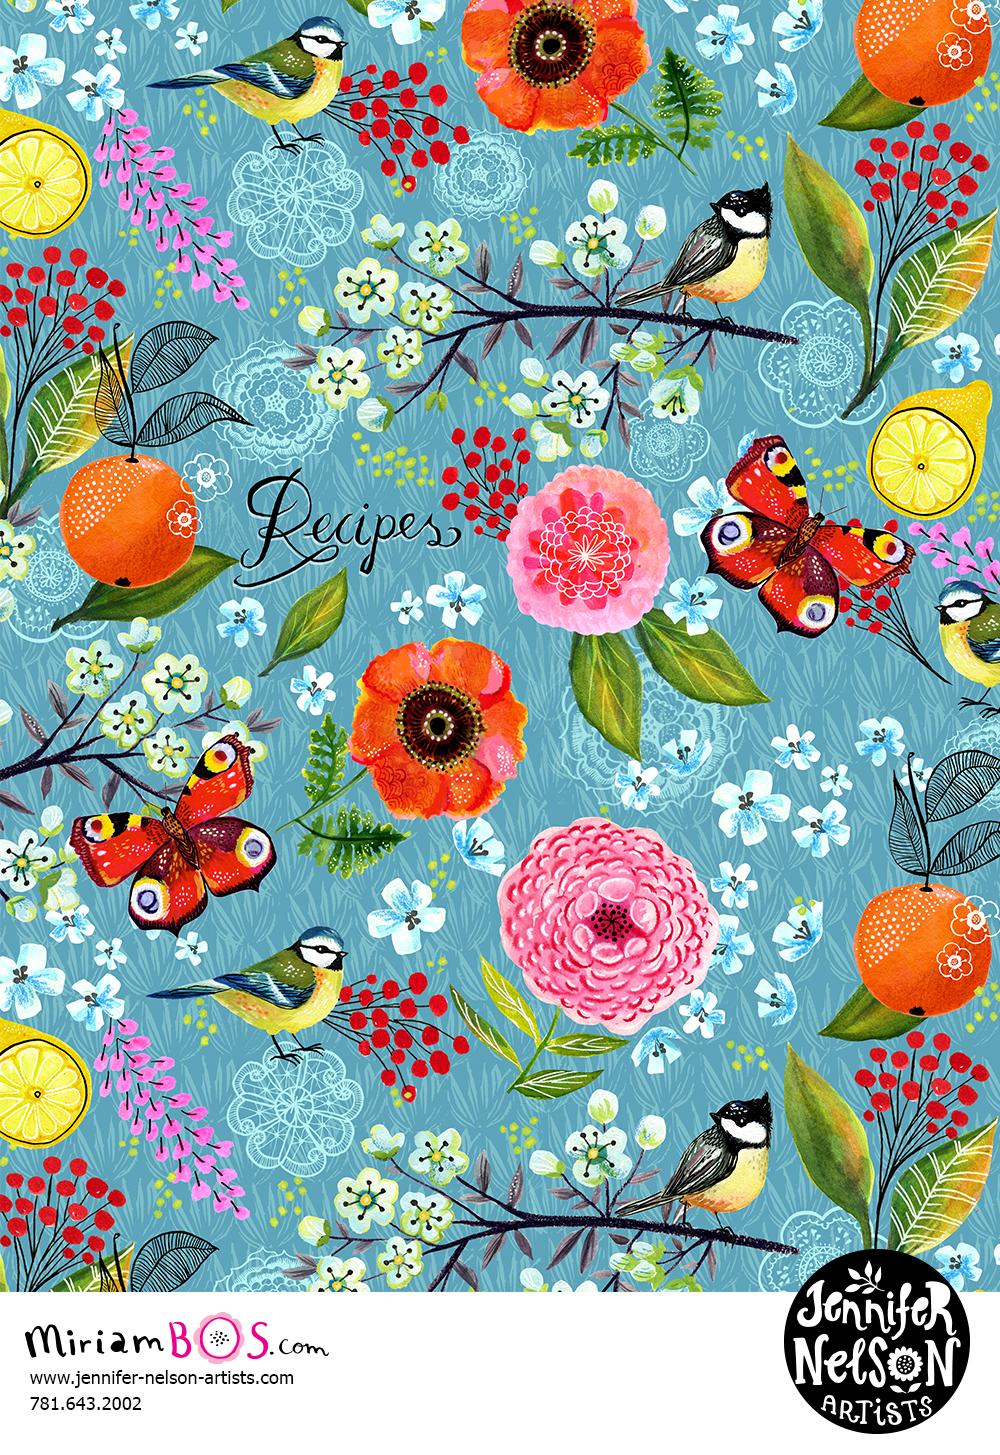 MiriamBos_web-Flowers-fruit-birds